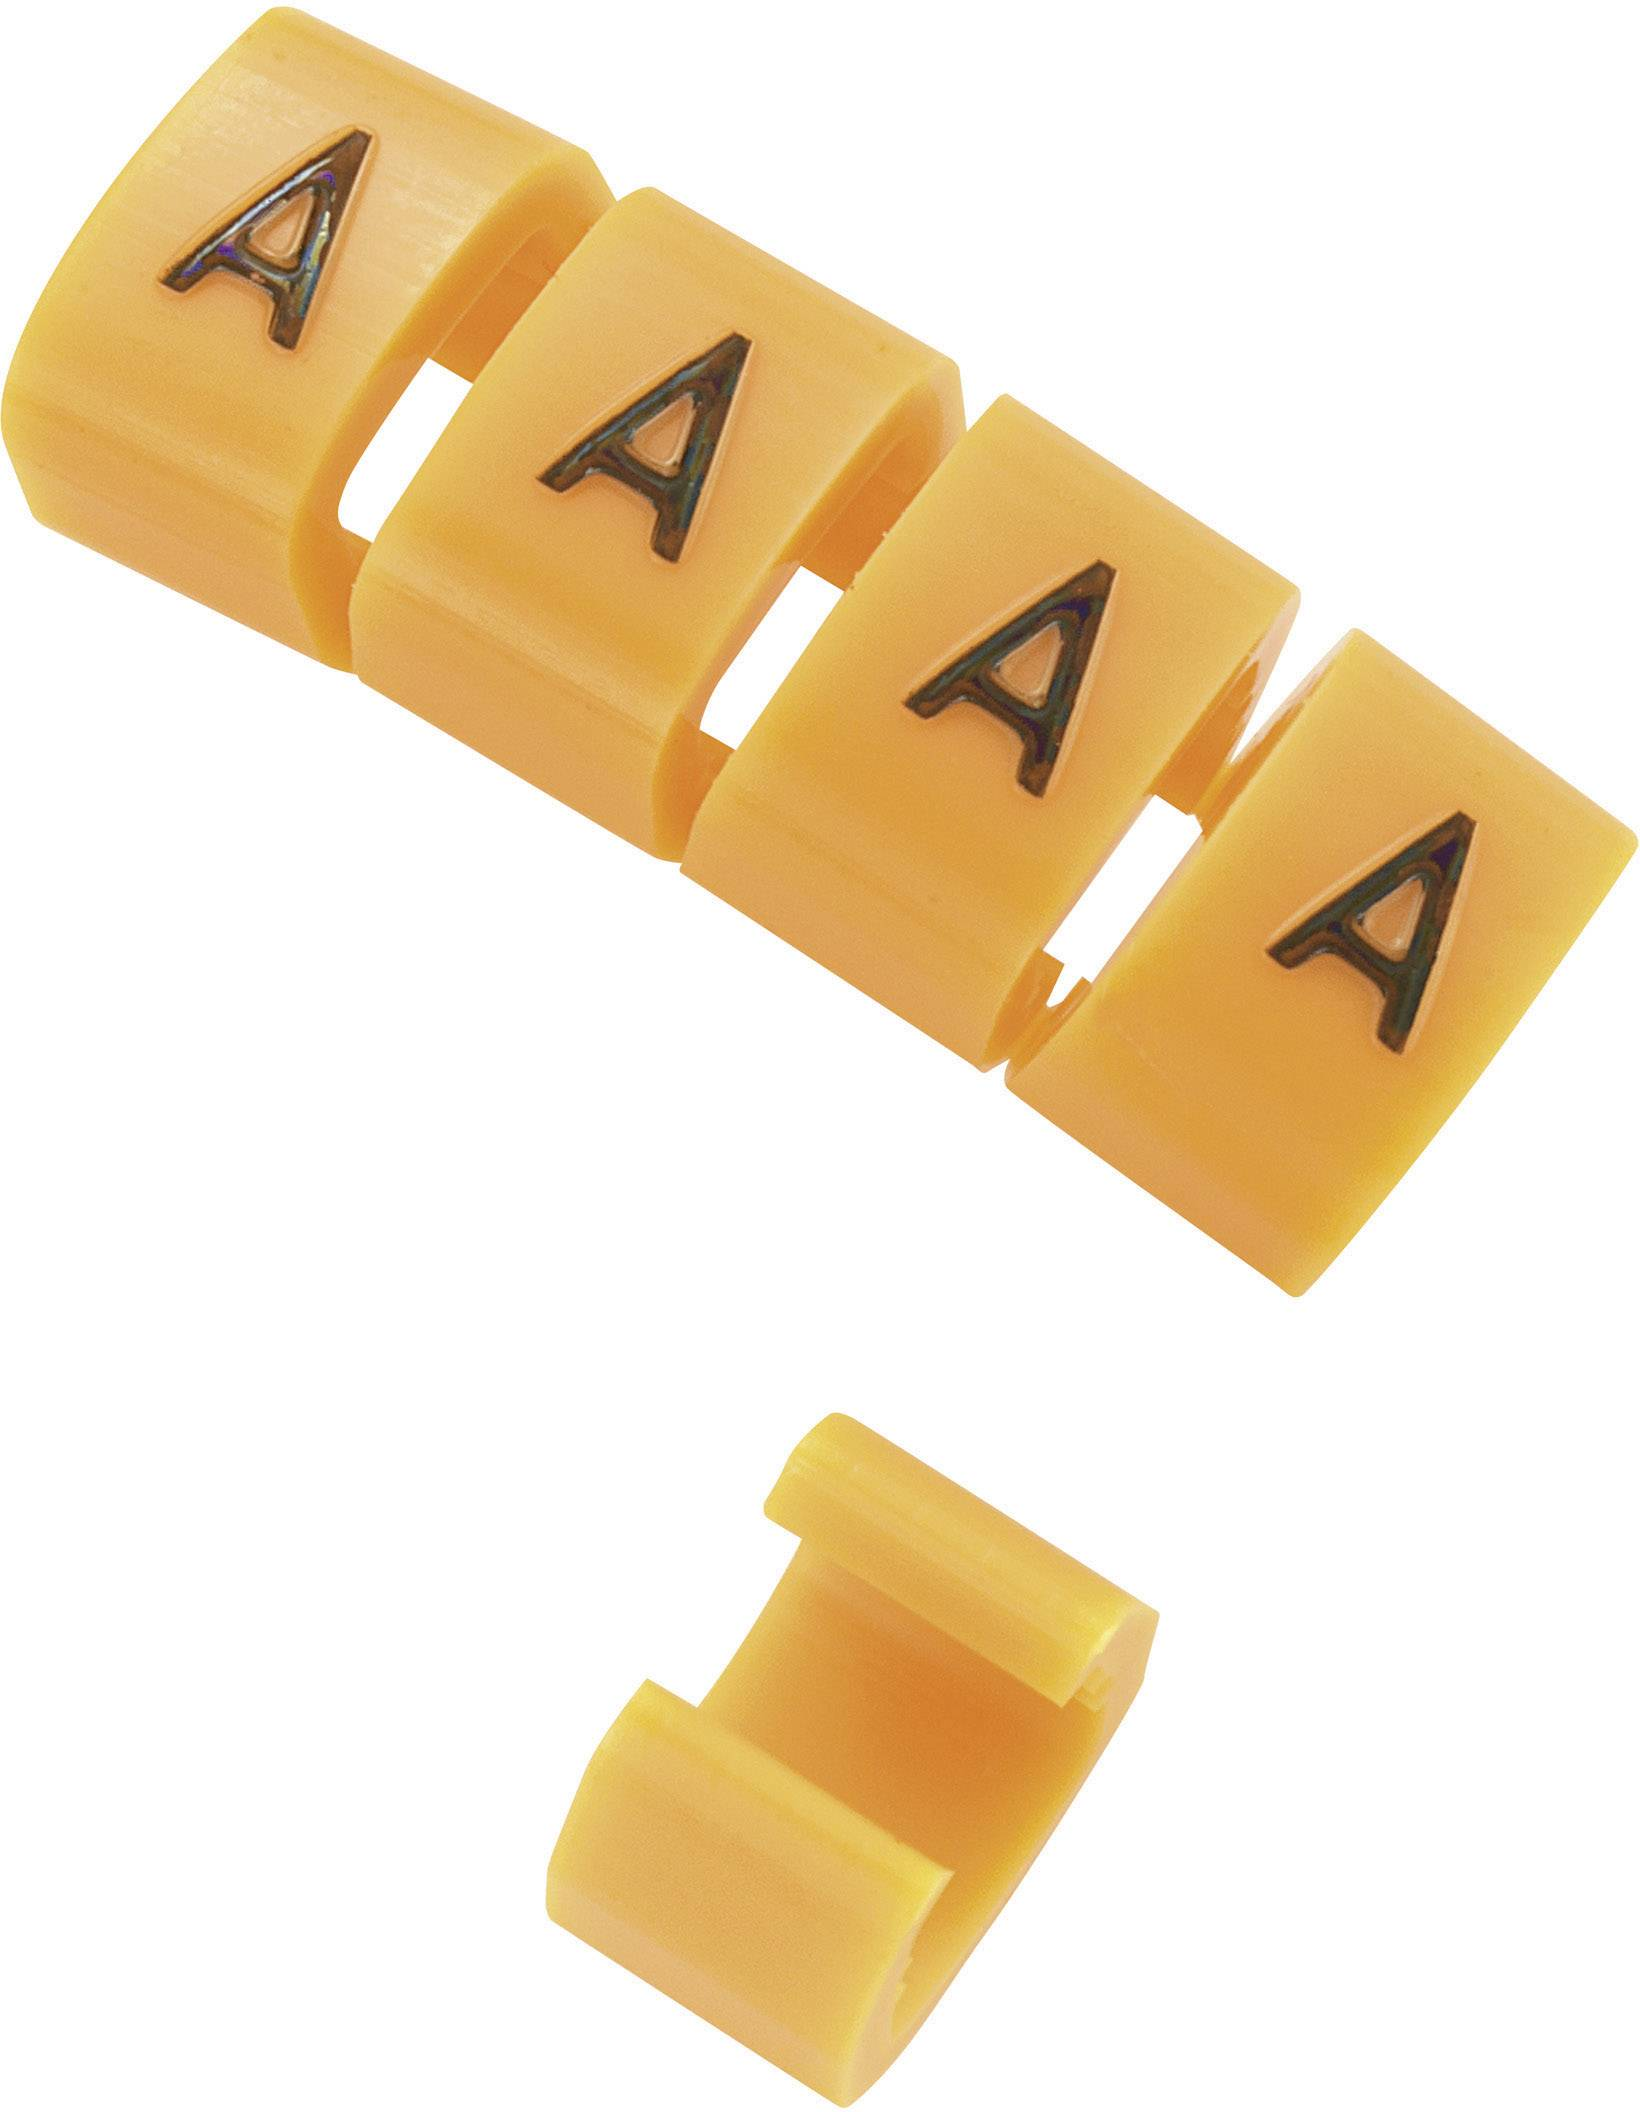 Označovacie objímka na káble KSS MB2/U, oranžová, 10 ks